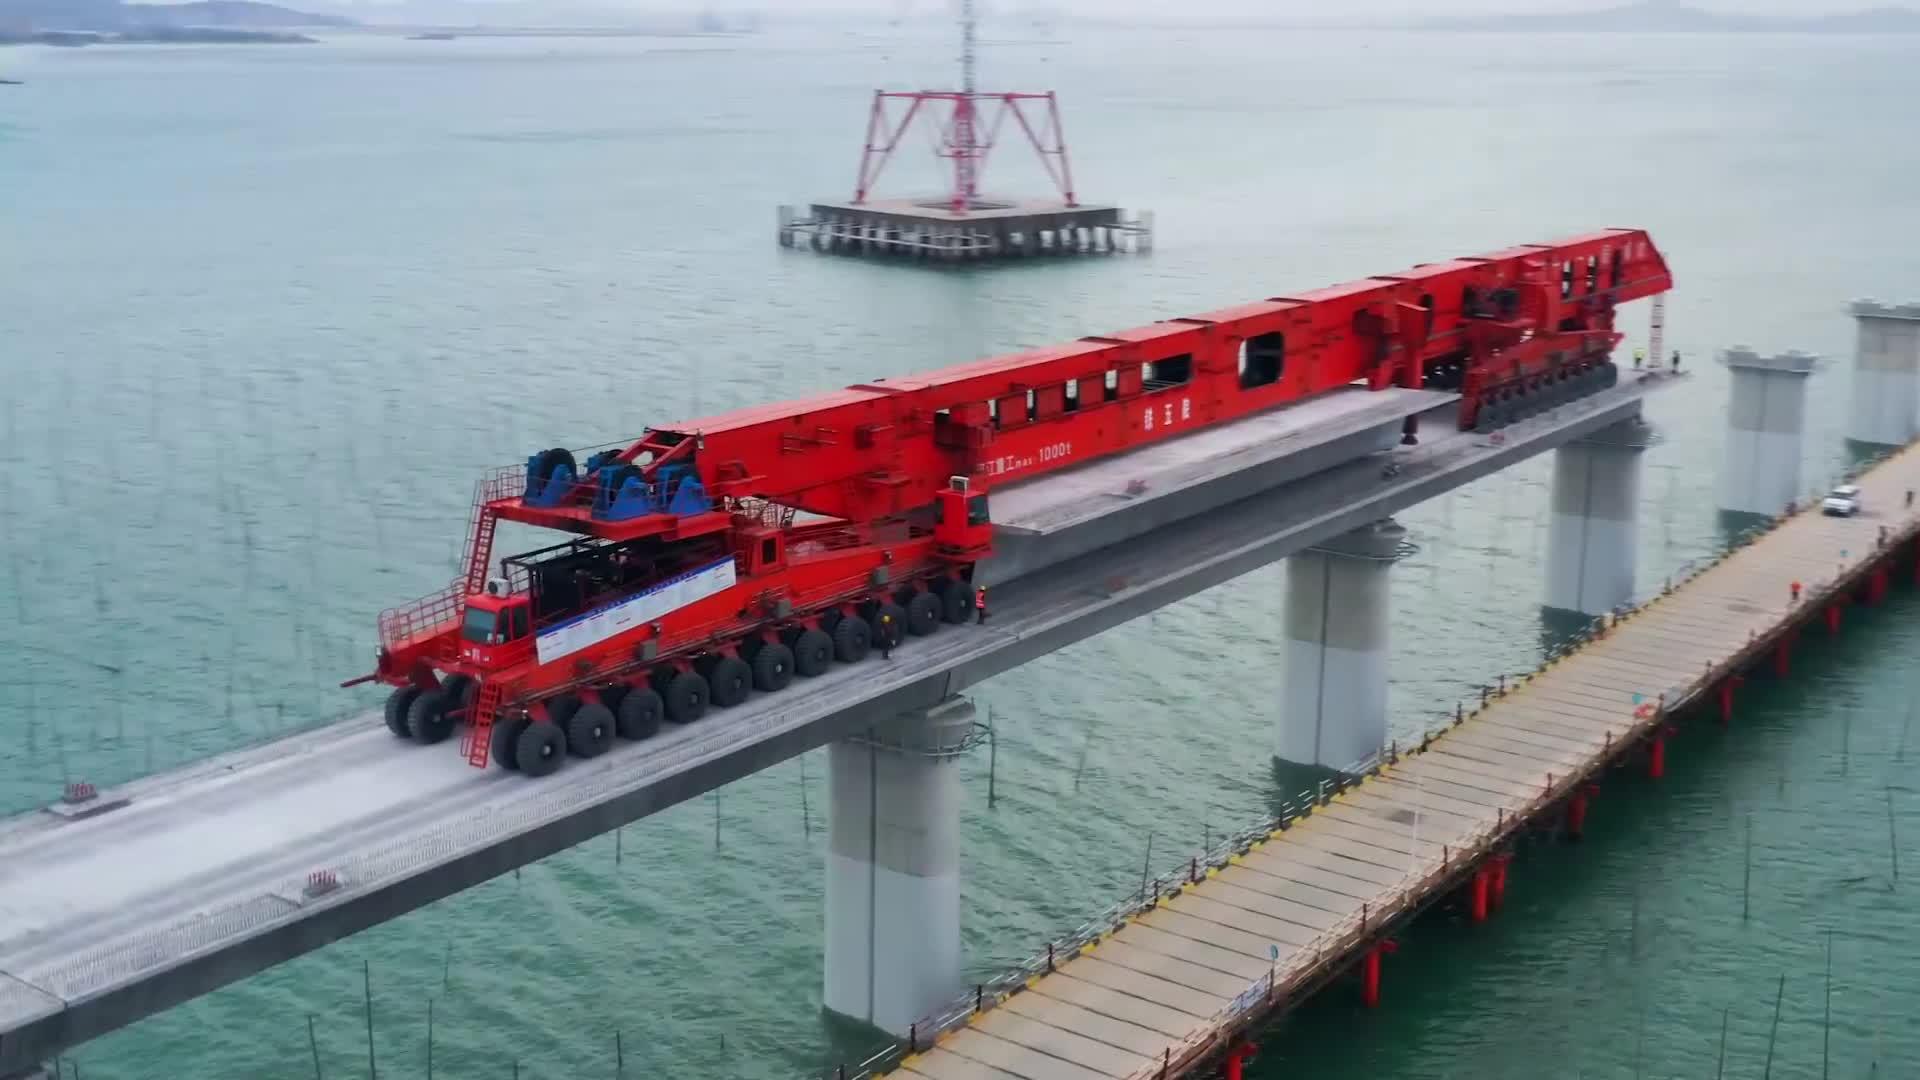 96秒的震撼!世界首台千吨级架桥机首秀